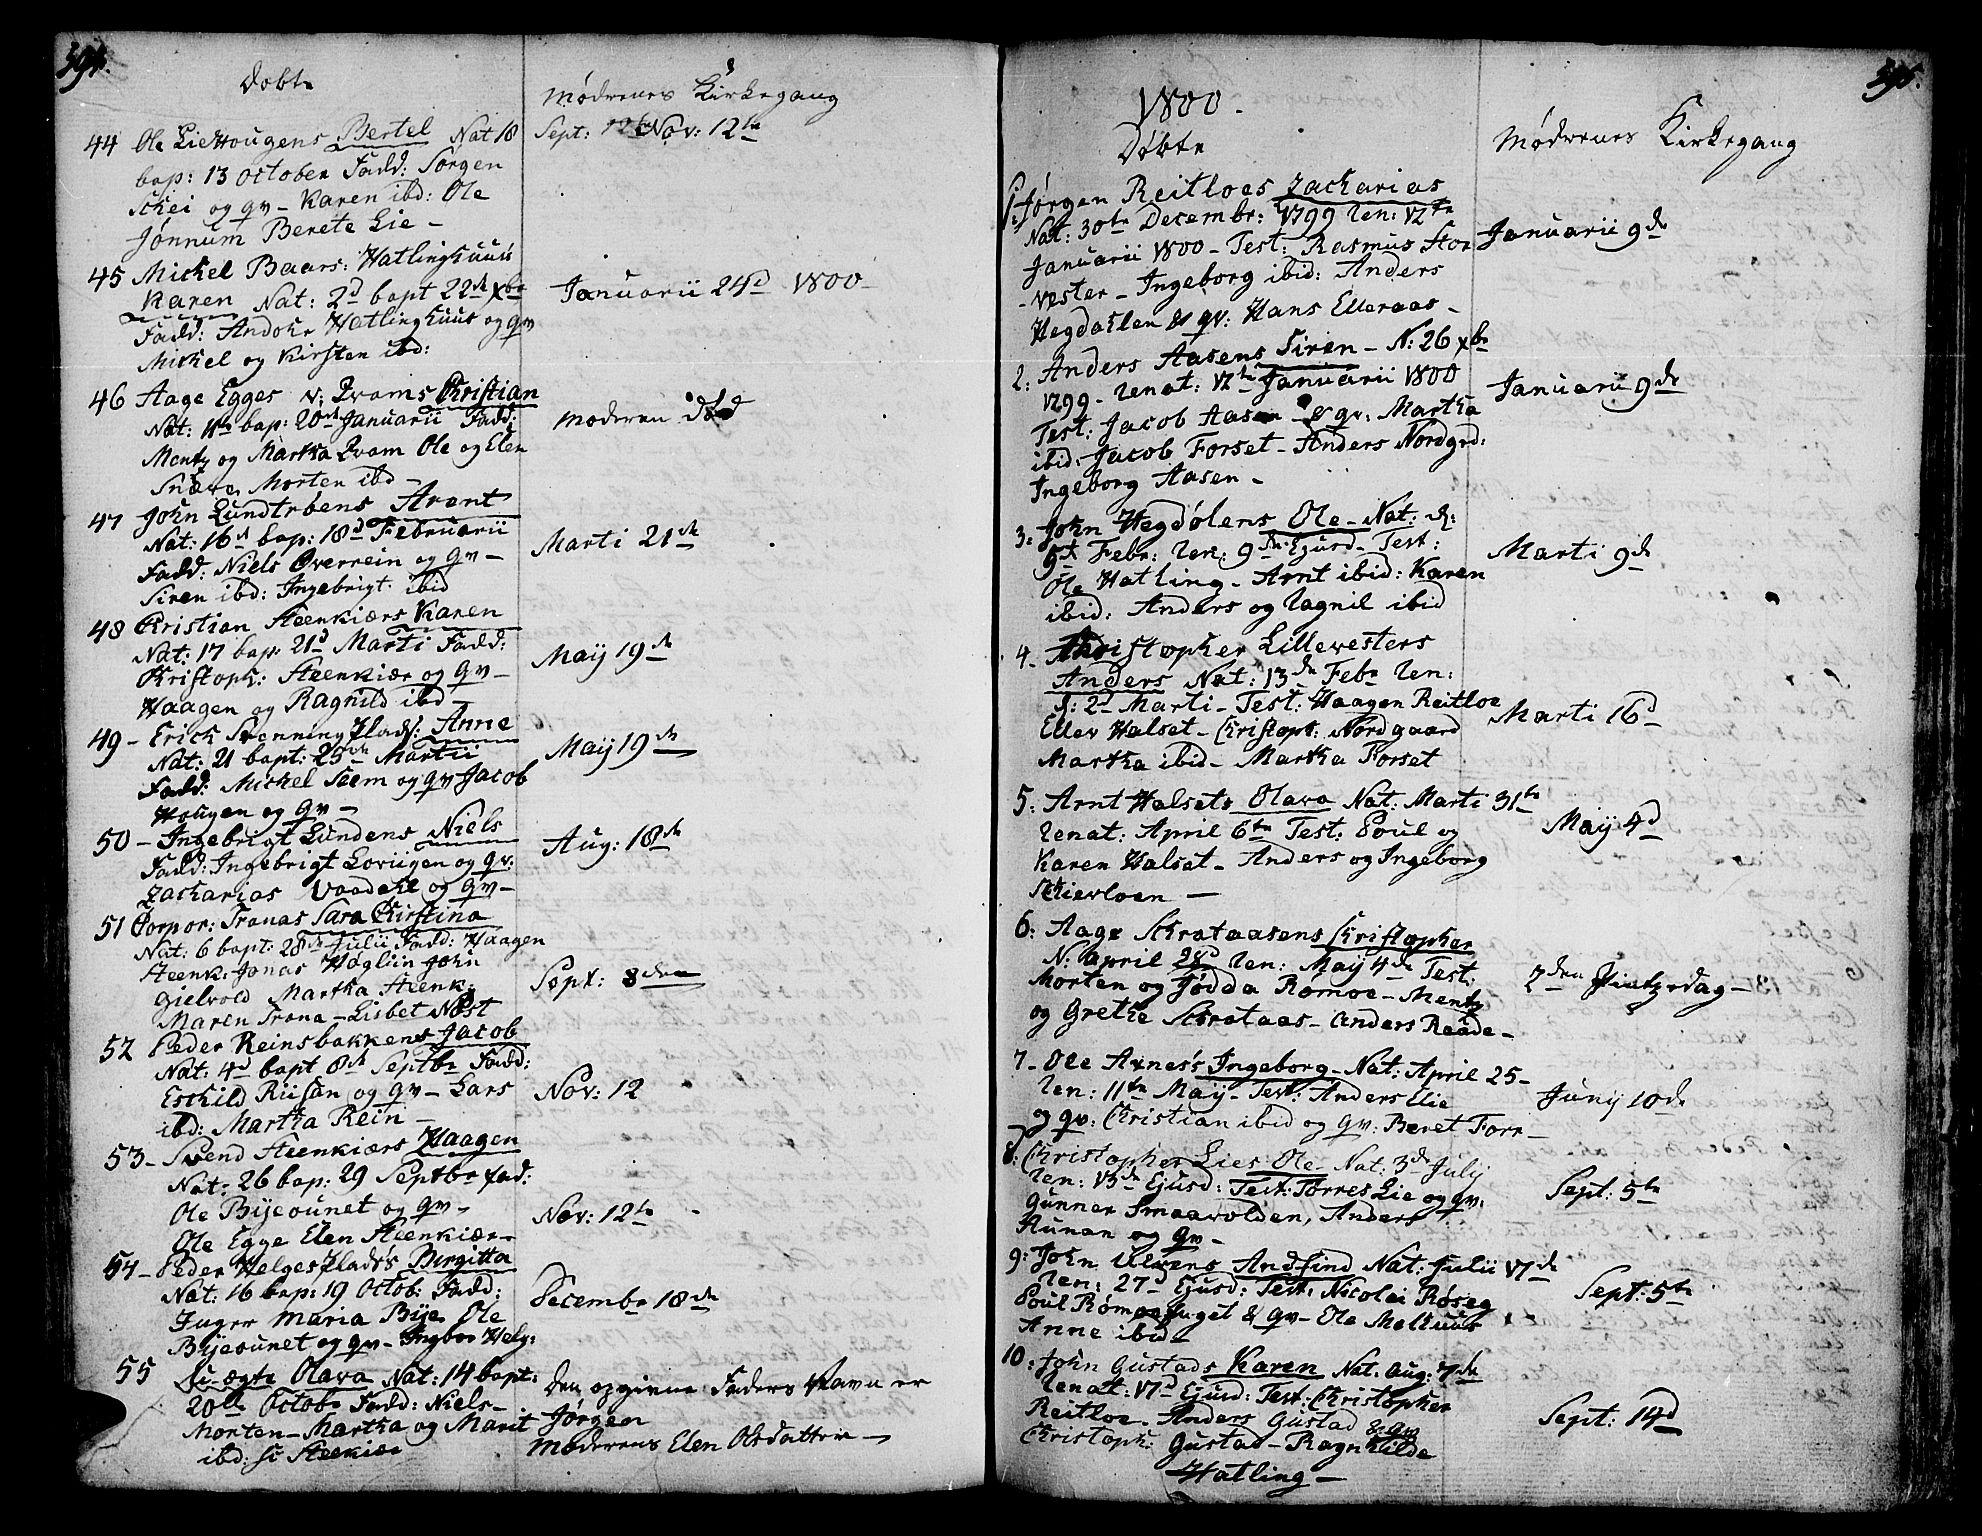 SAT, Ministerialprotokoller, klokkerbøker og fødselsregistre - Nord-Trøndelag, 746/L0440: Ministerialbok nr. 746A02, 1760-1815, s. 594-595